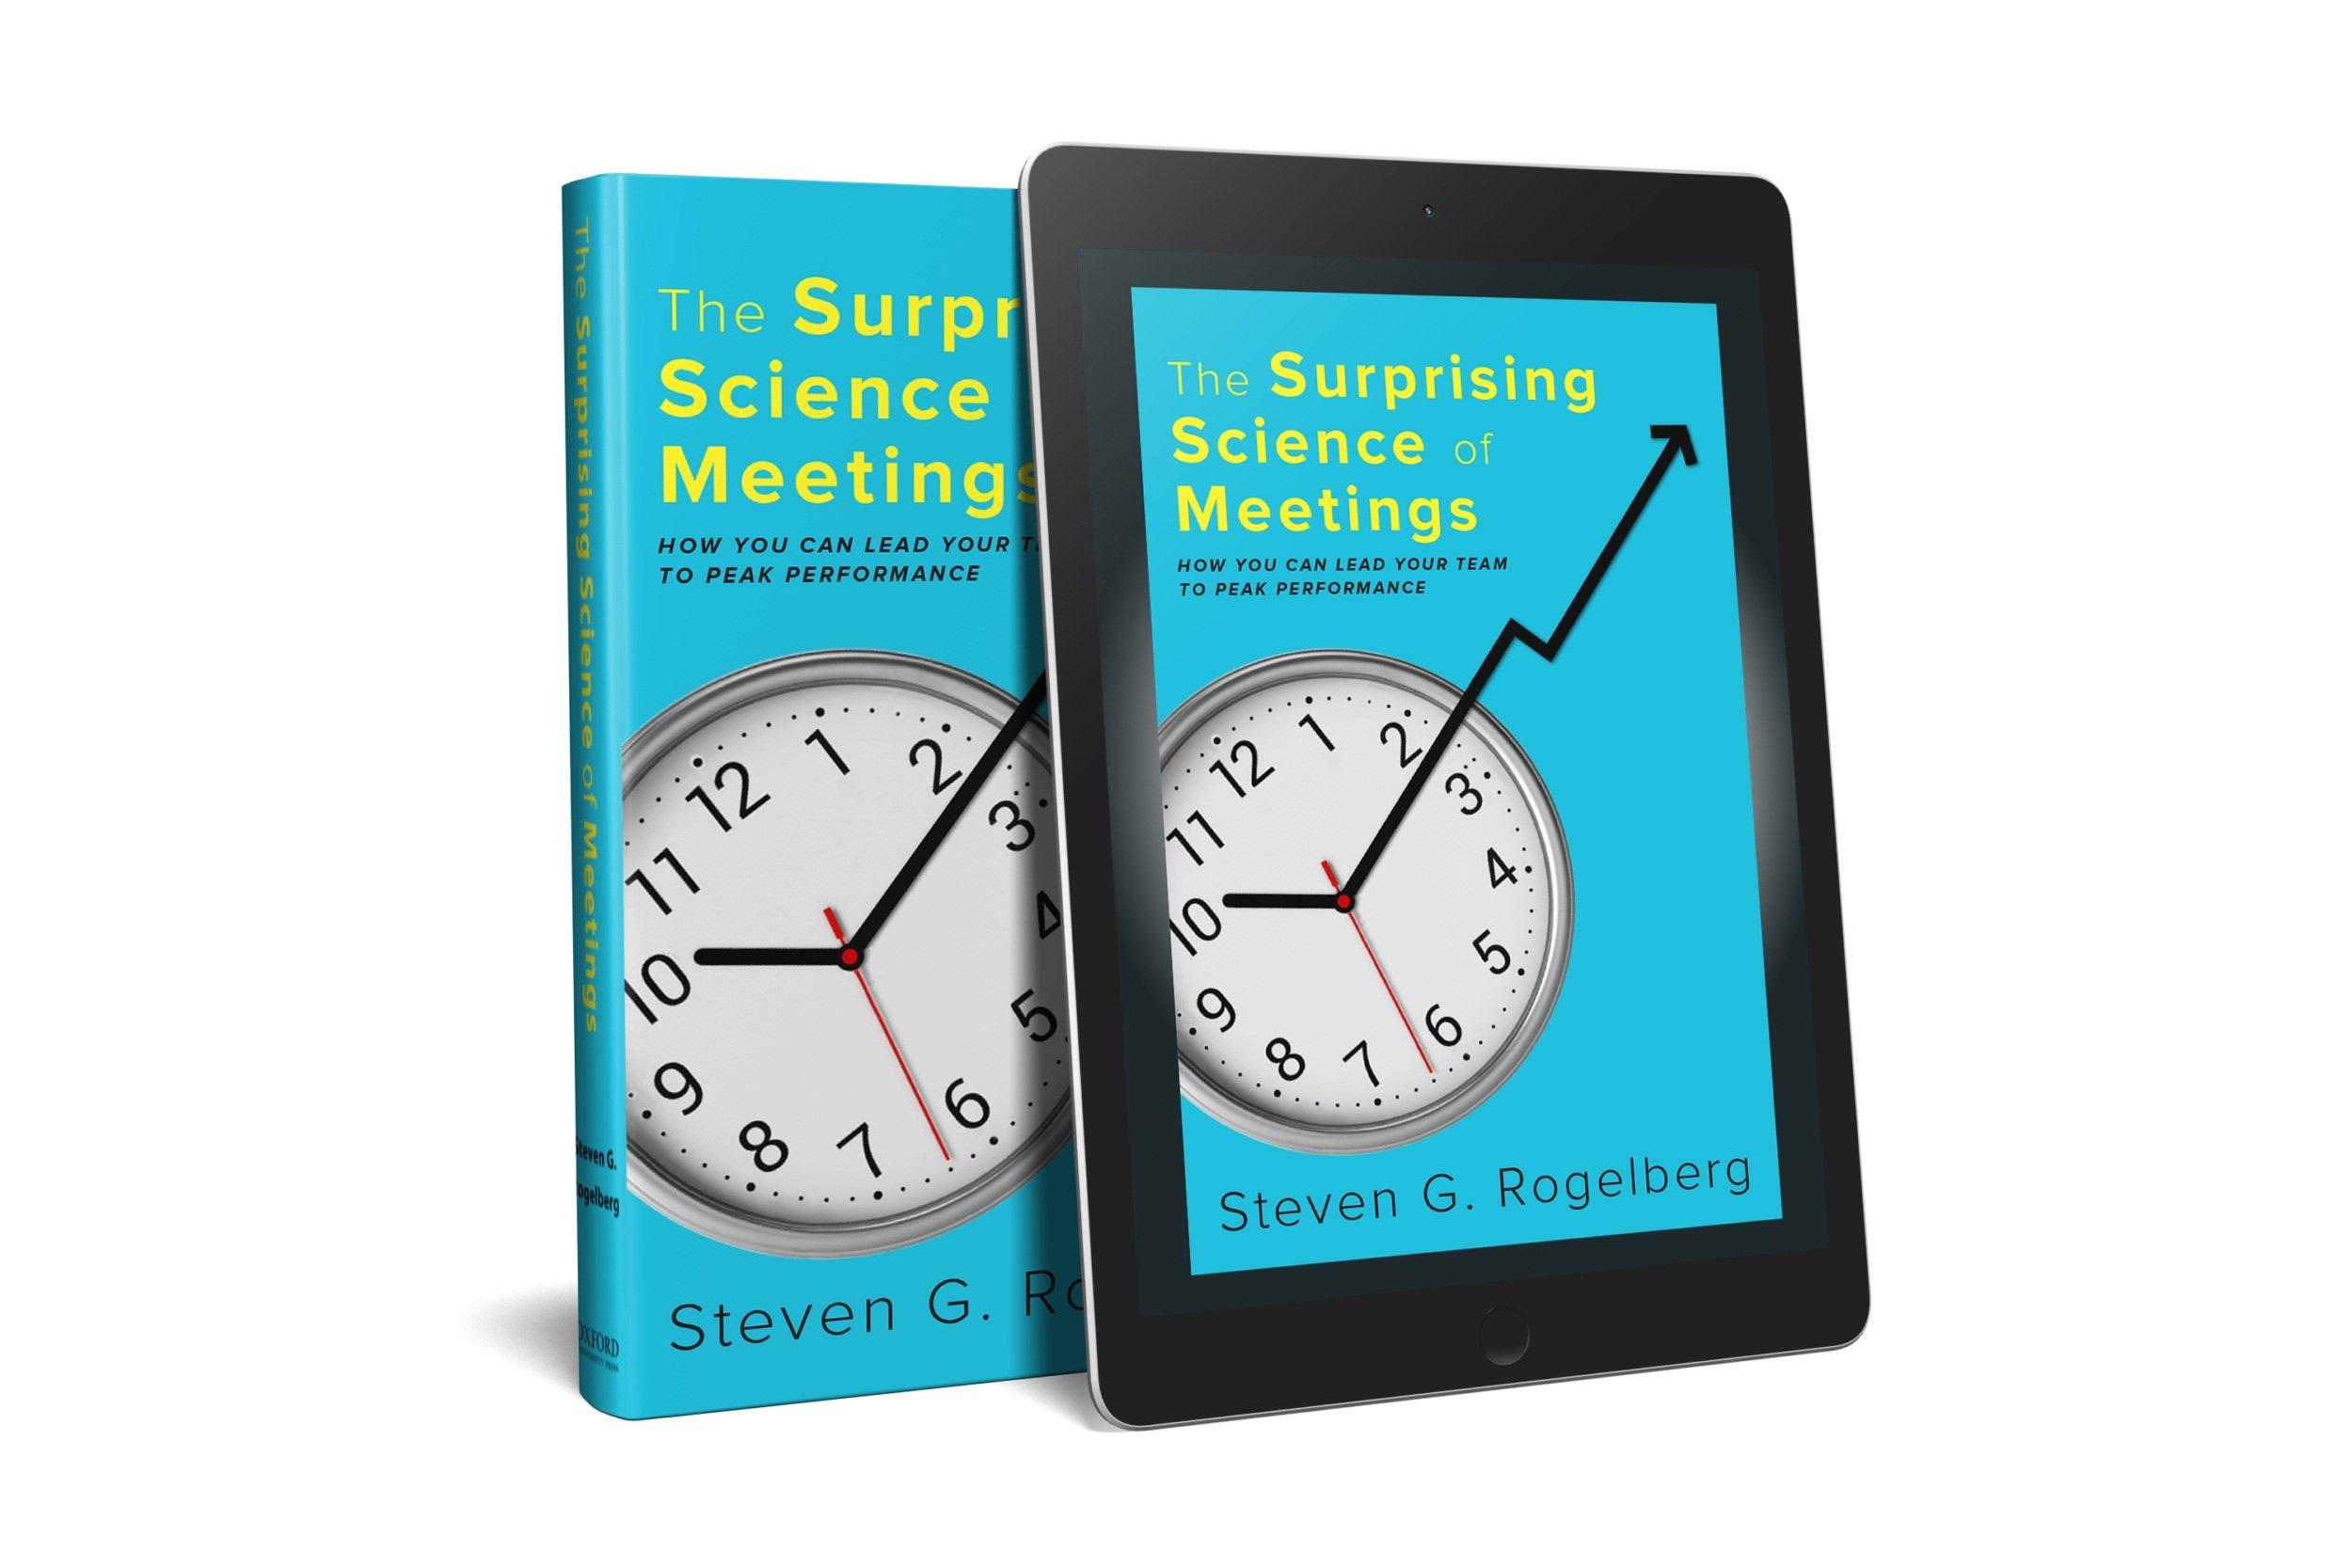 मीटिंग वही अच्छी जो कम समय में पूरी हो